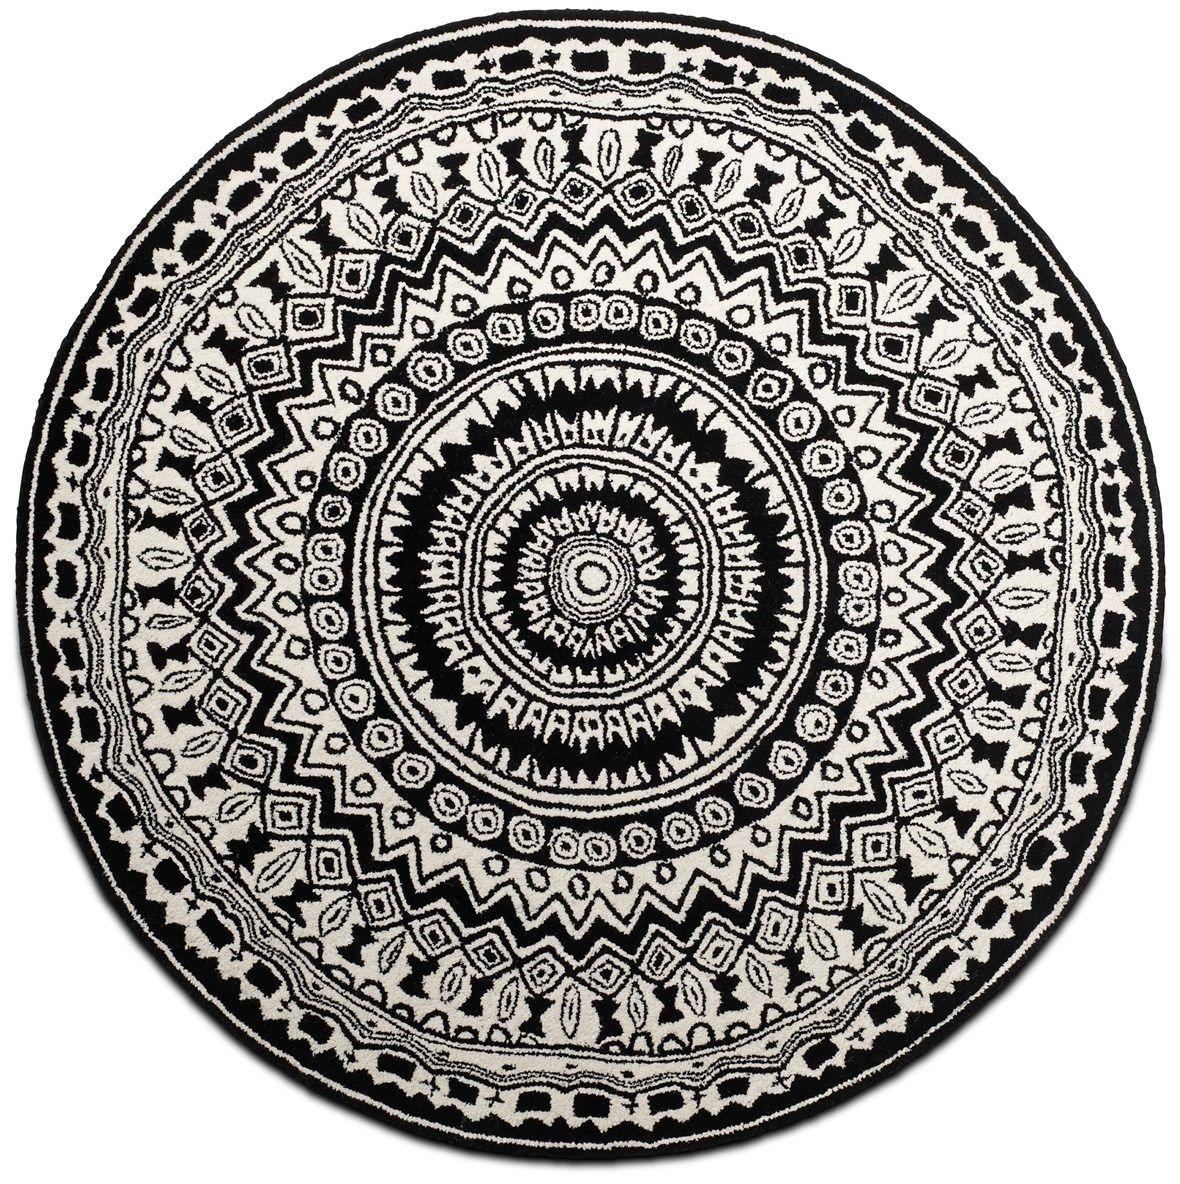 Alfombras redondas contempor neas calidad de boconcept carpet art modern rugs boconcept rugs - Alfombras contemporaneas ...